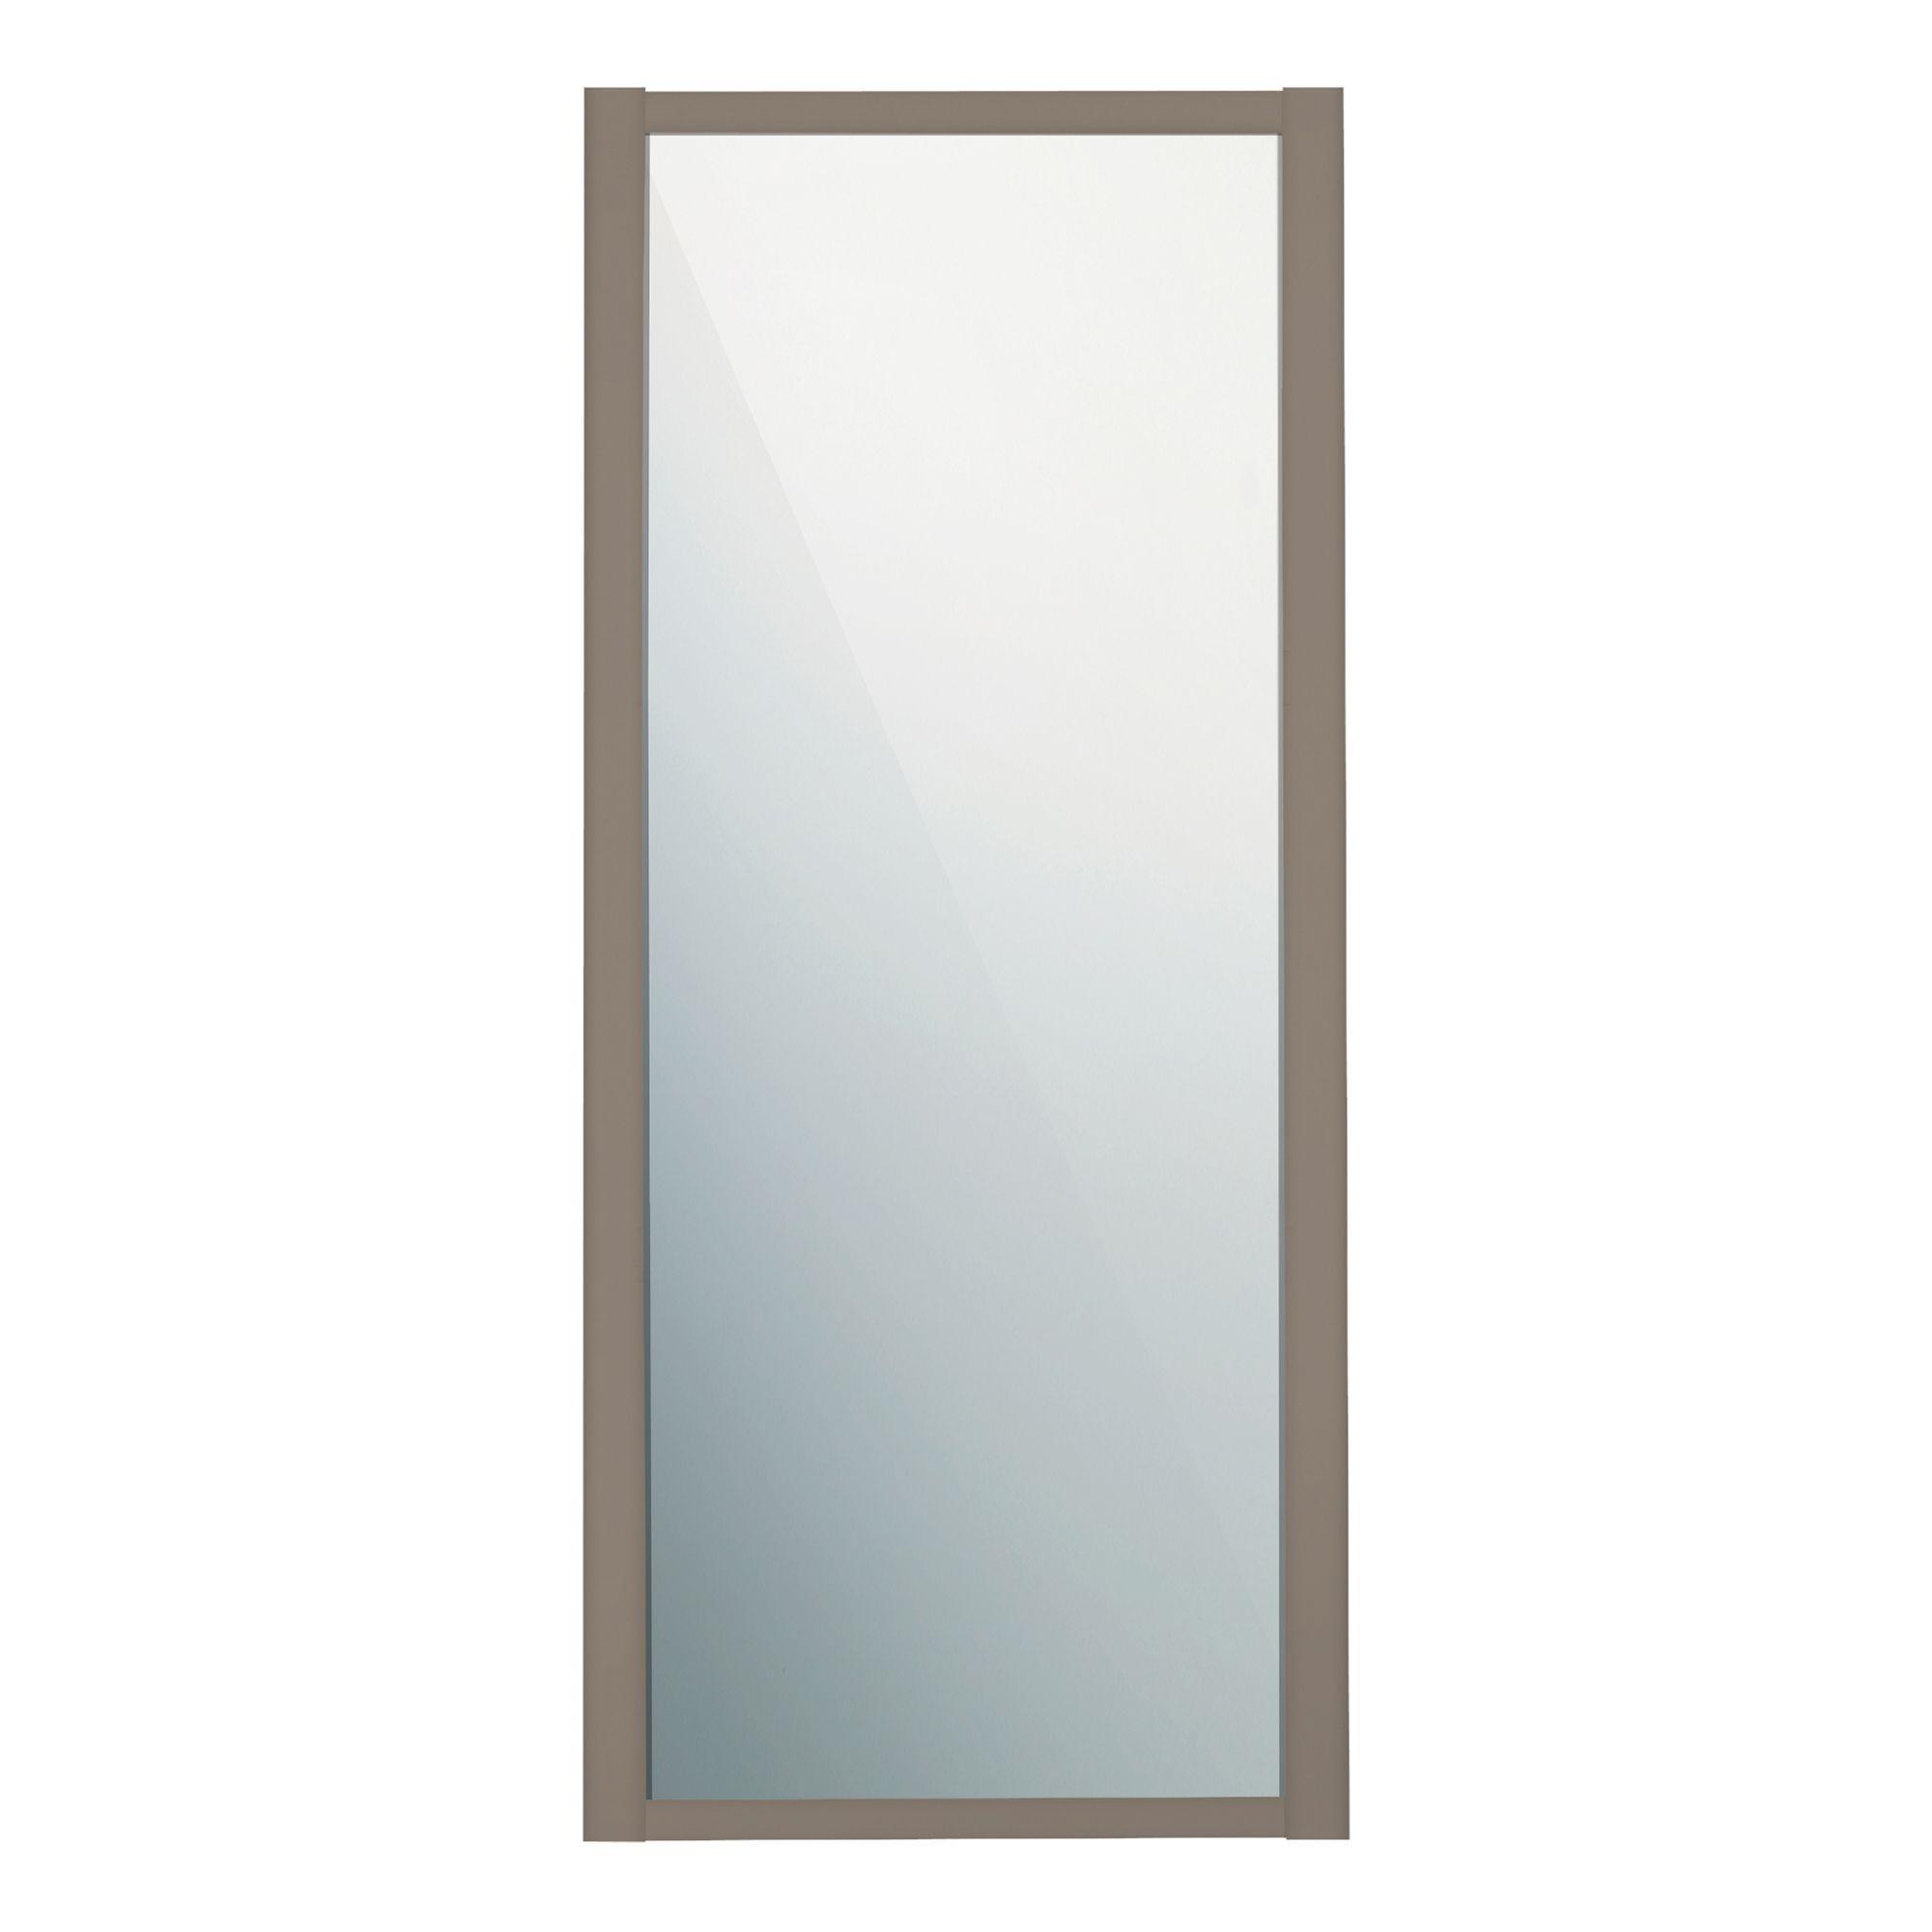 Door >> Traditional Stone Grey Mirror Sliding Wardrobe Door (W)914 mm | Departments | TradePoint